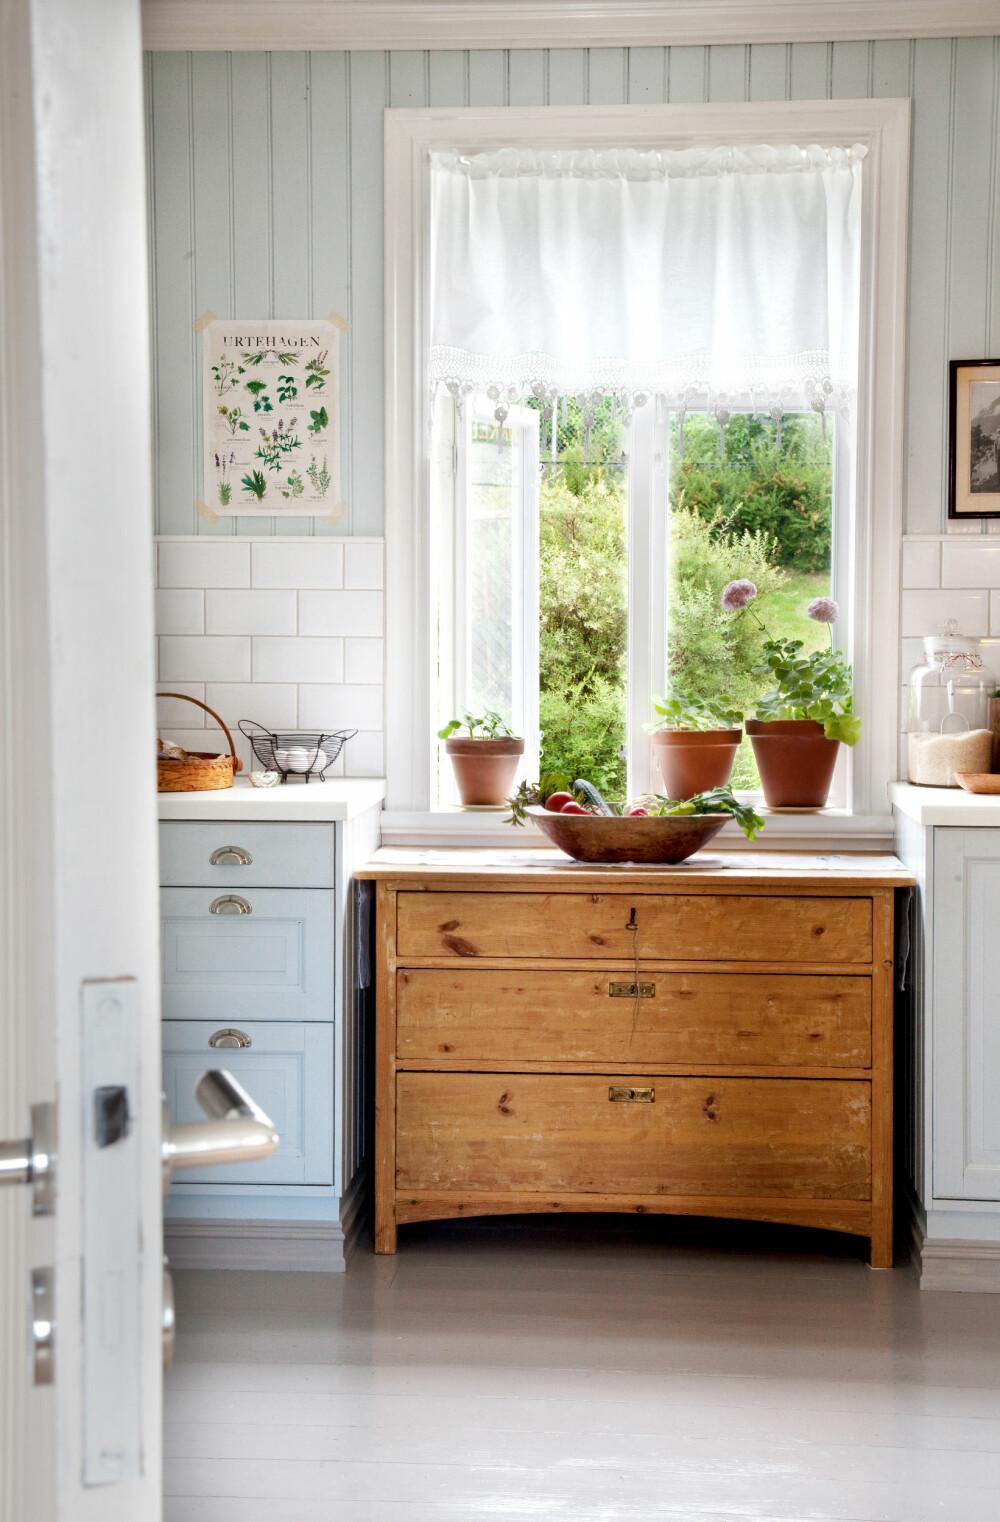 ROMVIRKNING: Fra et nokså mørkt og moderne kjøkken ble det skapt en lys og nostalgisk oase. Både vegger og innredning er malt i samme farge. Dette fikk rommet til å virke større, fordi vegger og skap fløt mer i hverandre.